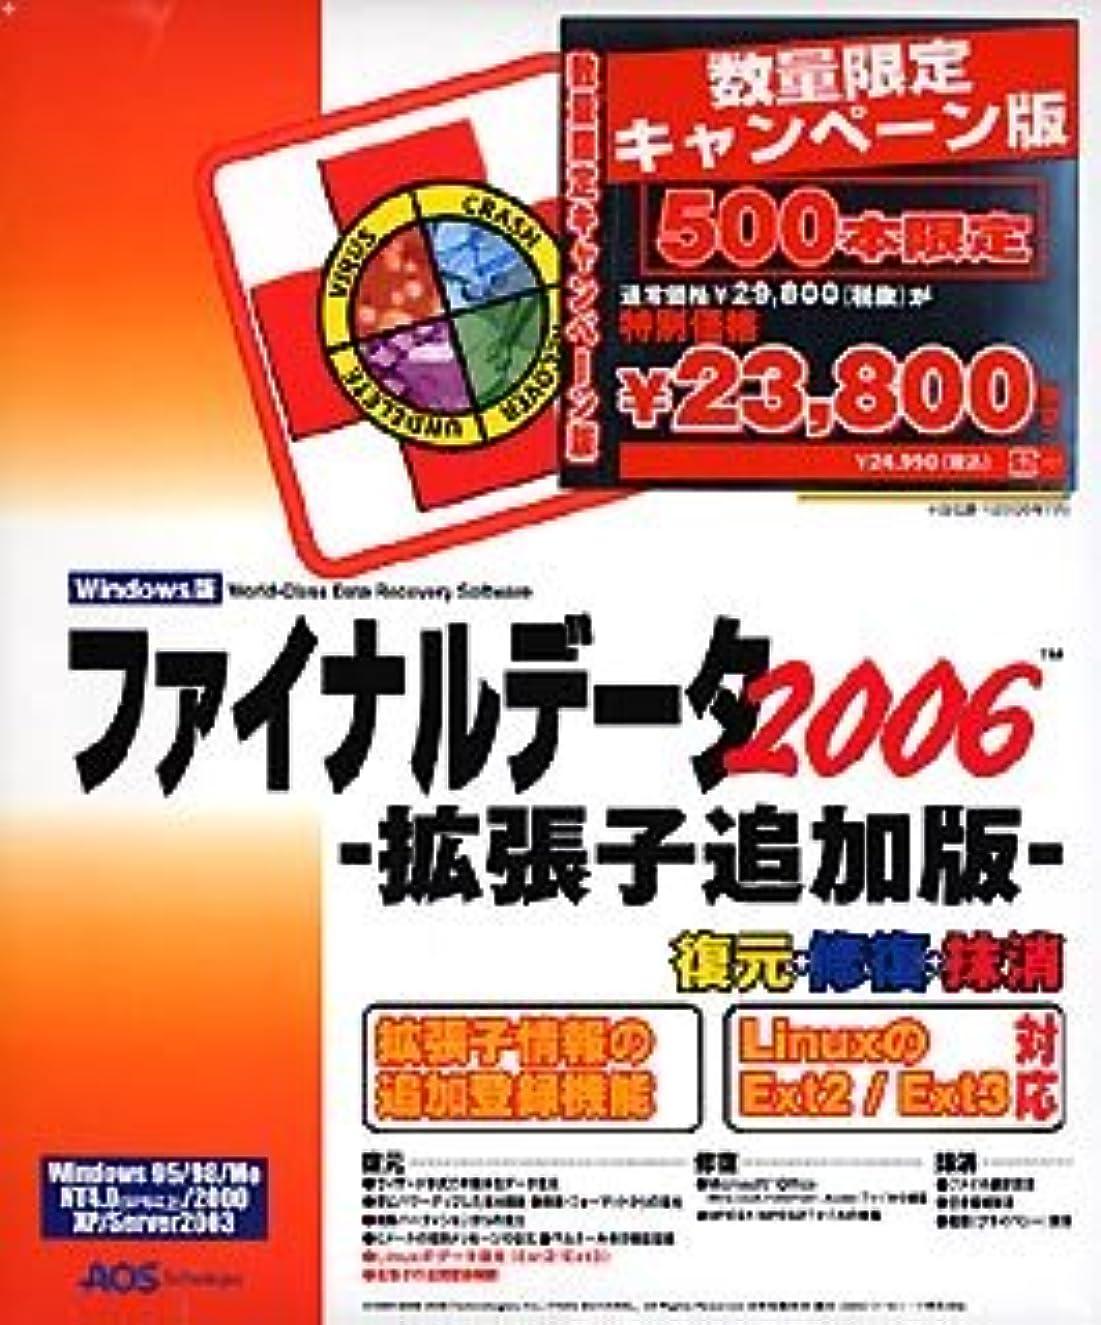 ワット相続人ガチョウファイナルデータ 2006 拡張子追加版 キャンペーン版